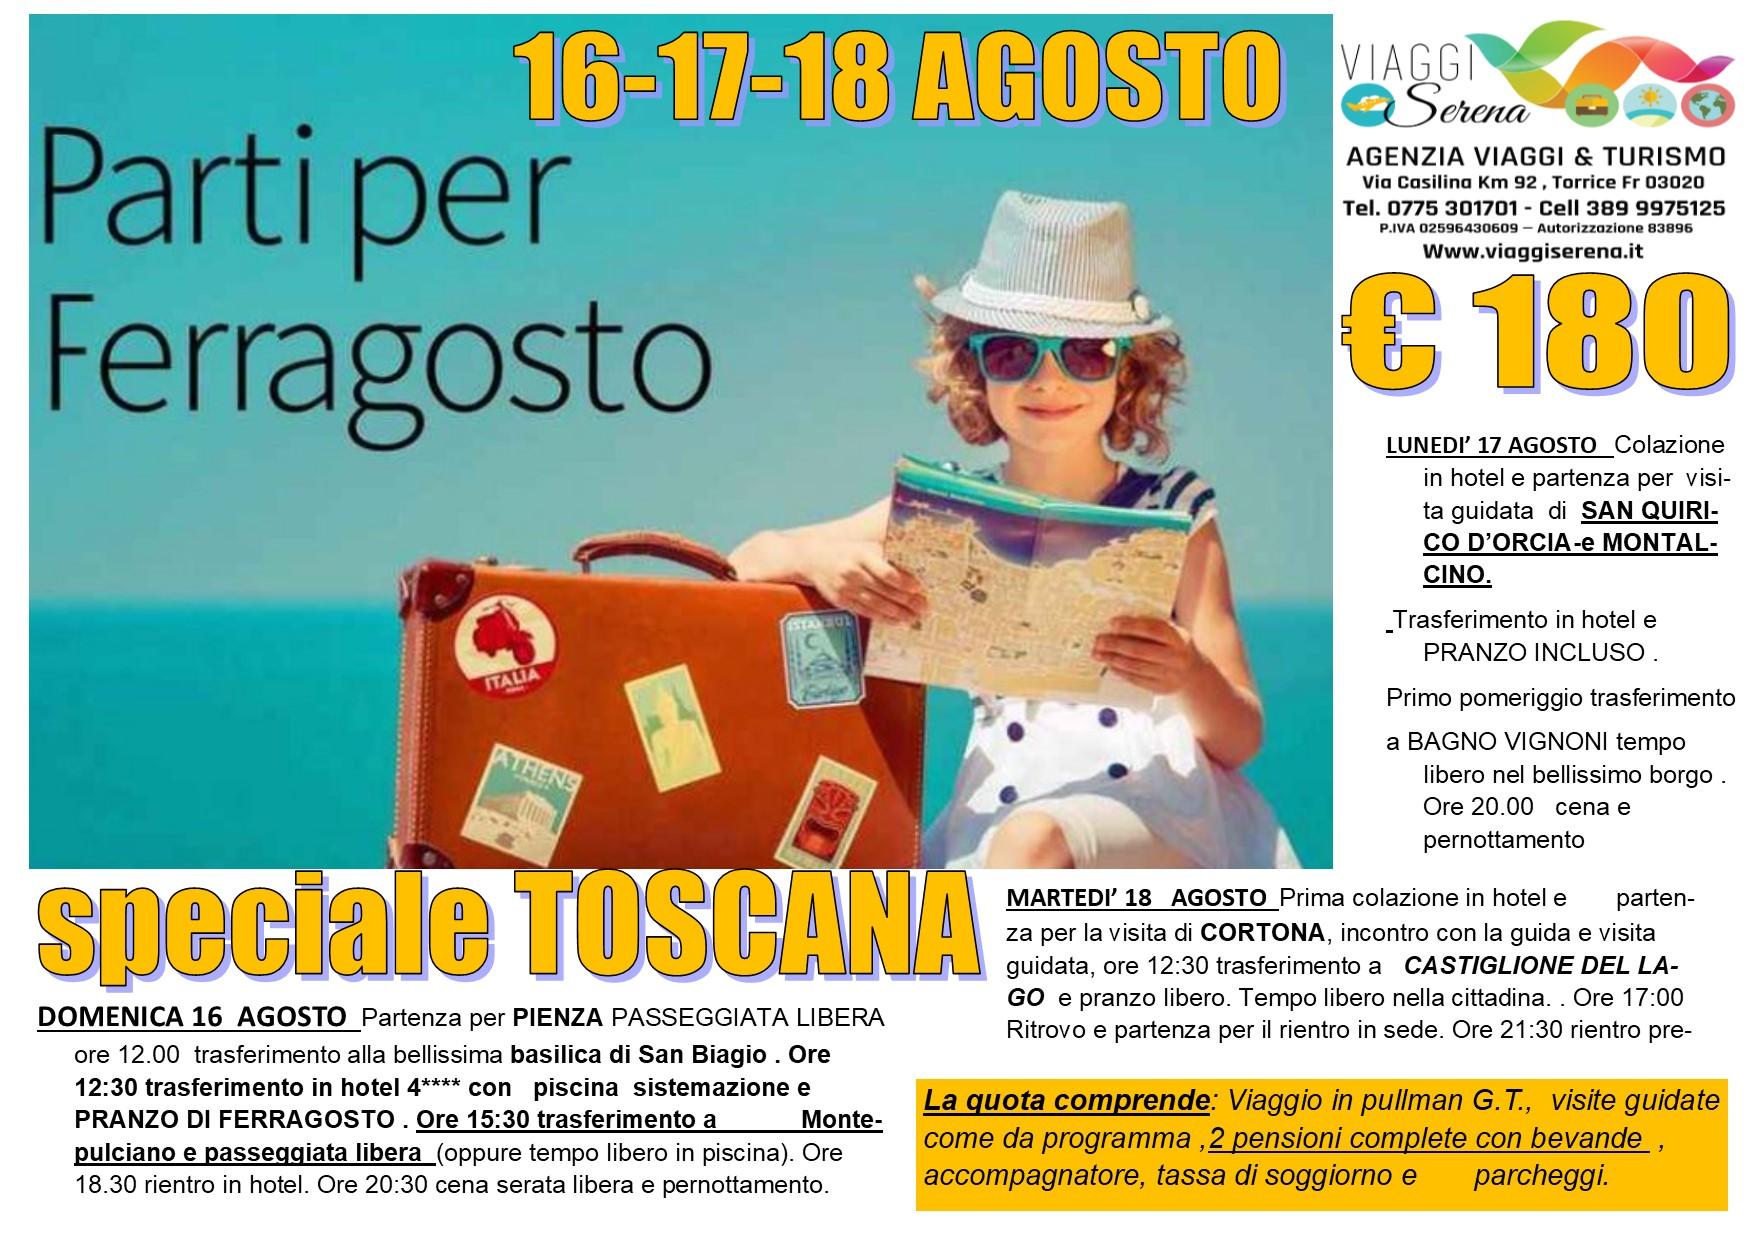 Viaggi di Gruppo: magnifica TOSCANA , San Quirico d'Orcia, Montalcino e Montepulciano  16-17-18 Agosto € 180,00